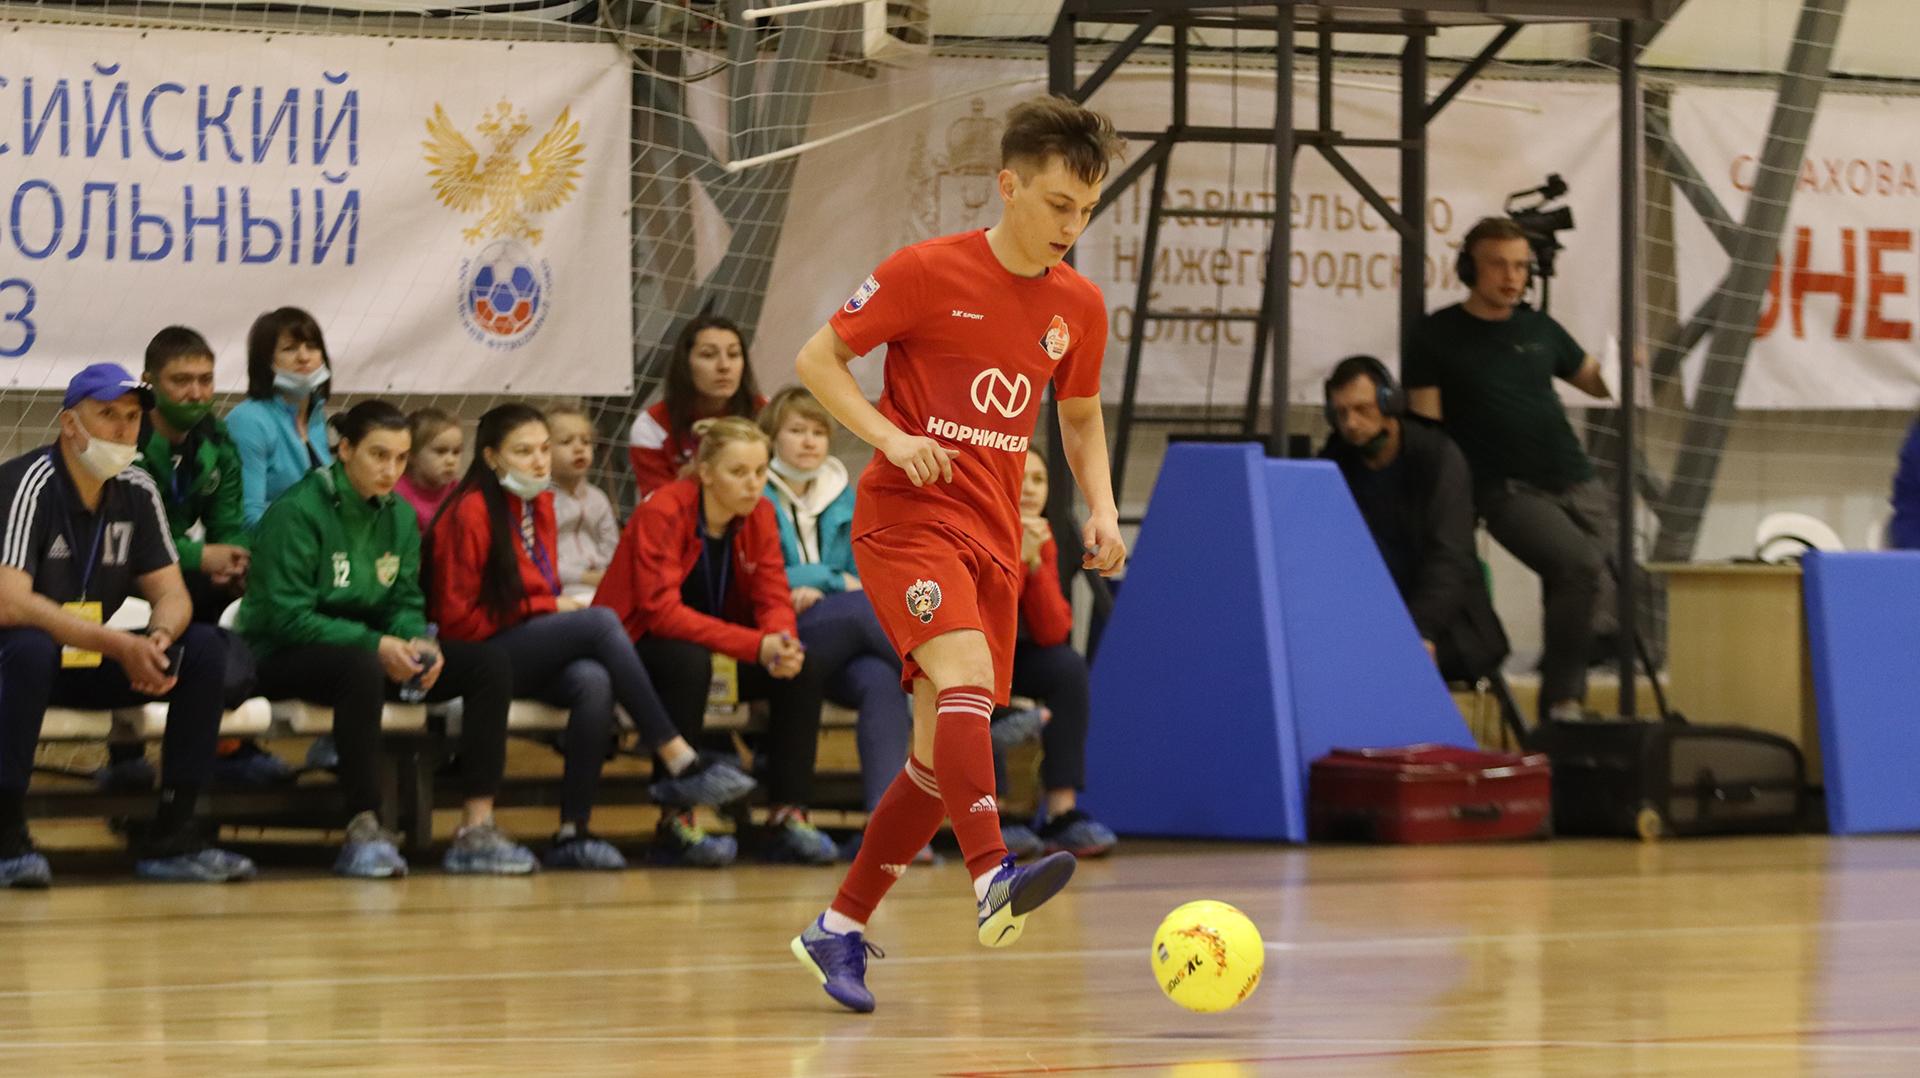 Сборные Мининского университета по мини-футболу приняли участие во Всероссийском финале проекта «Мини-футбол в ВУЗы»